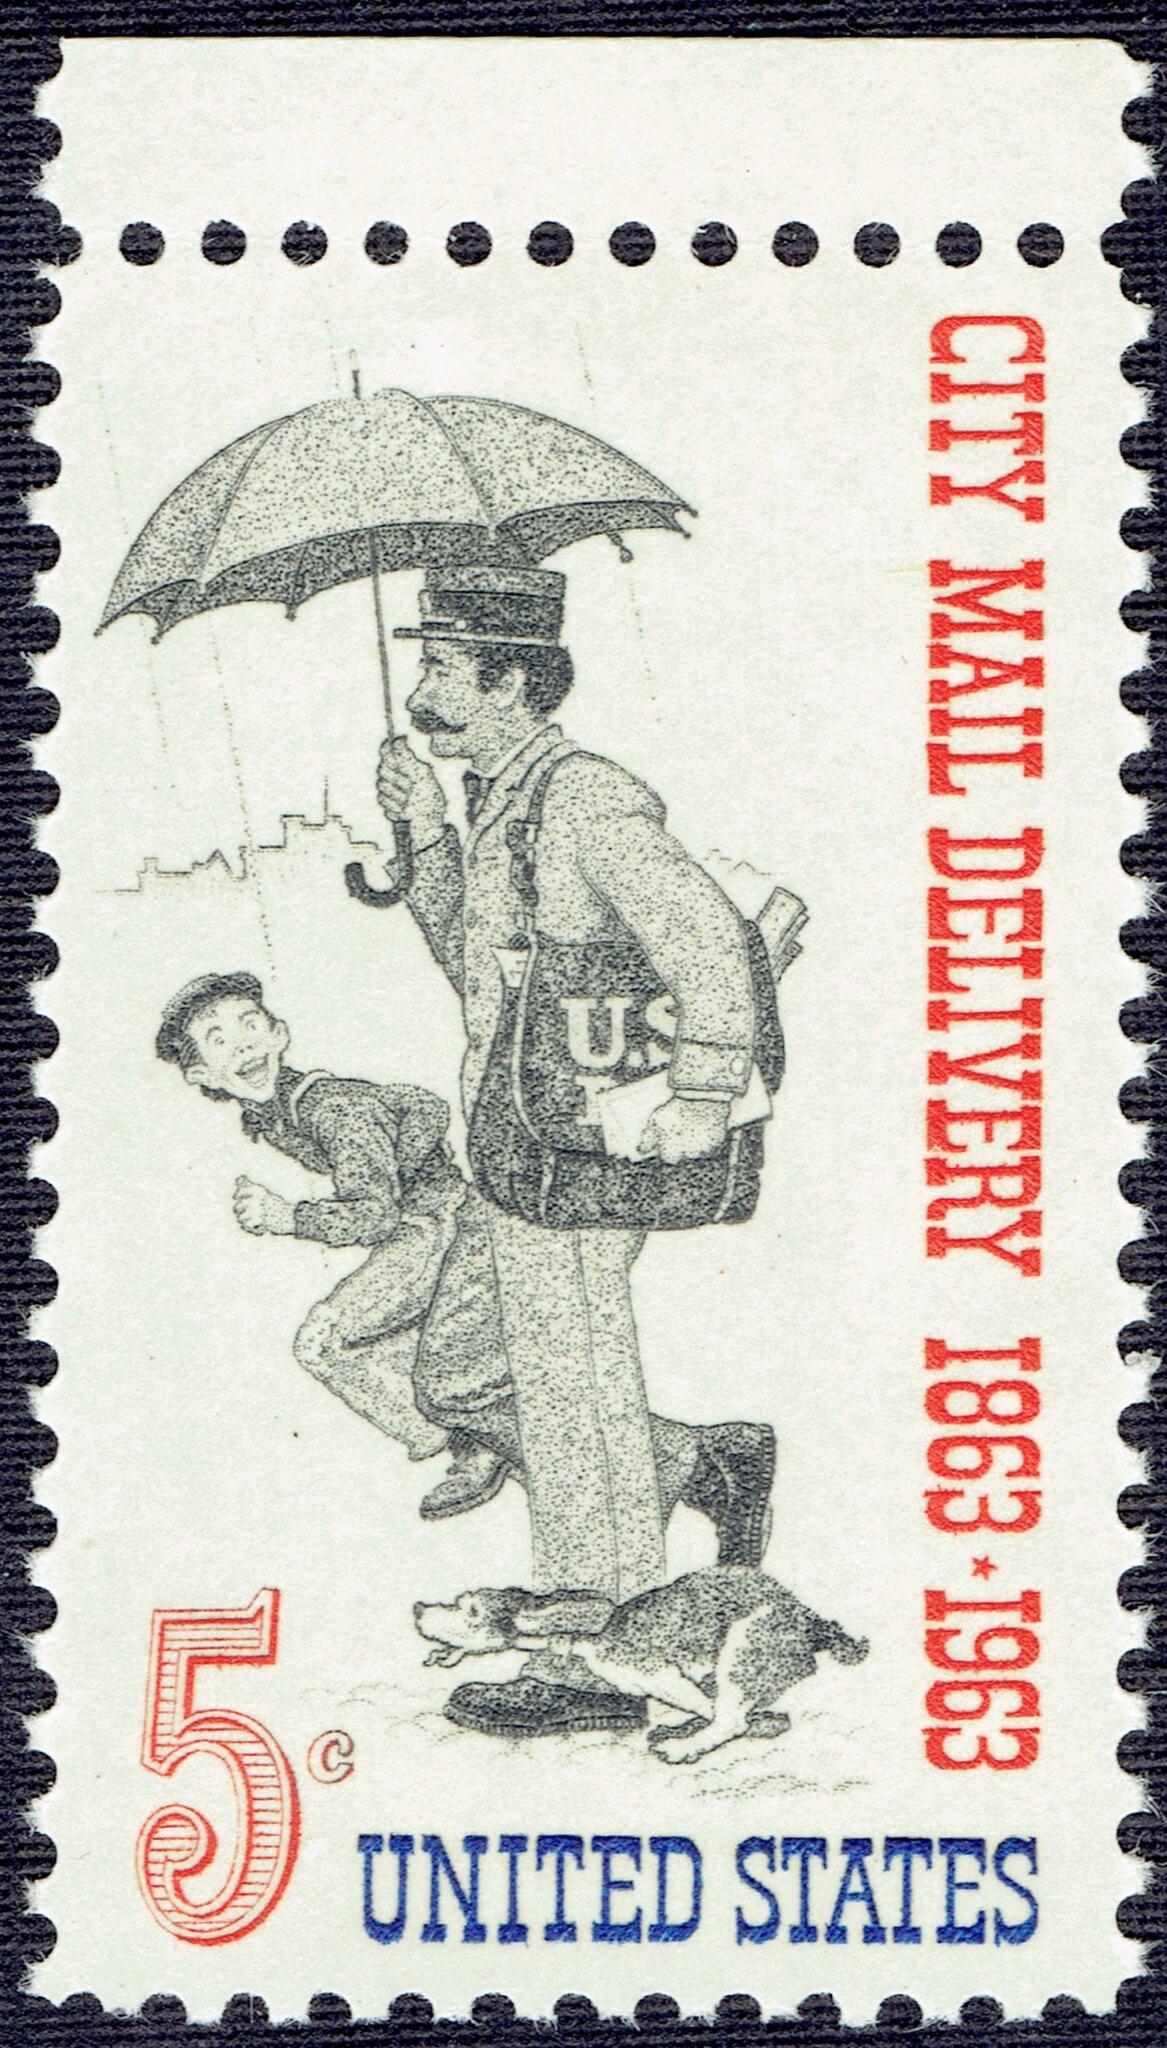 United States - Scott #1238 (1963)